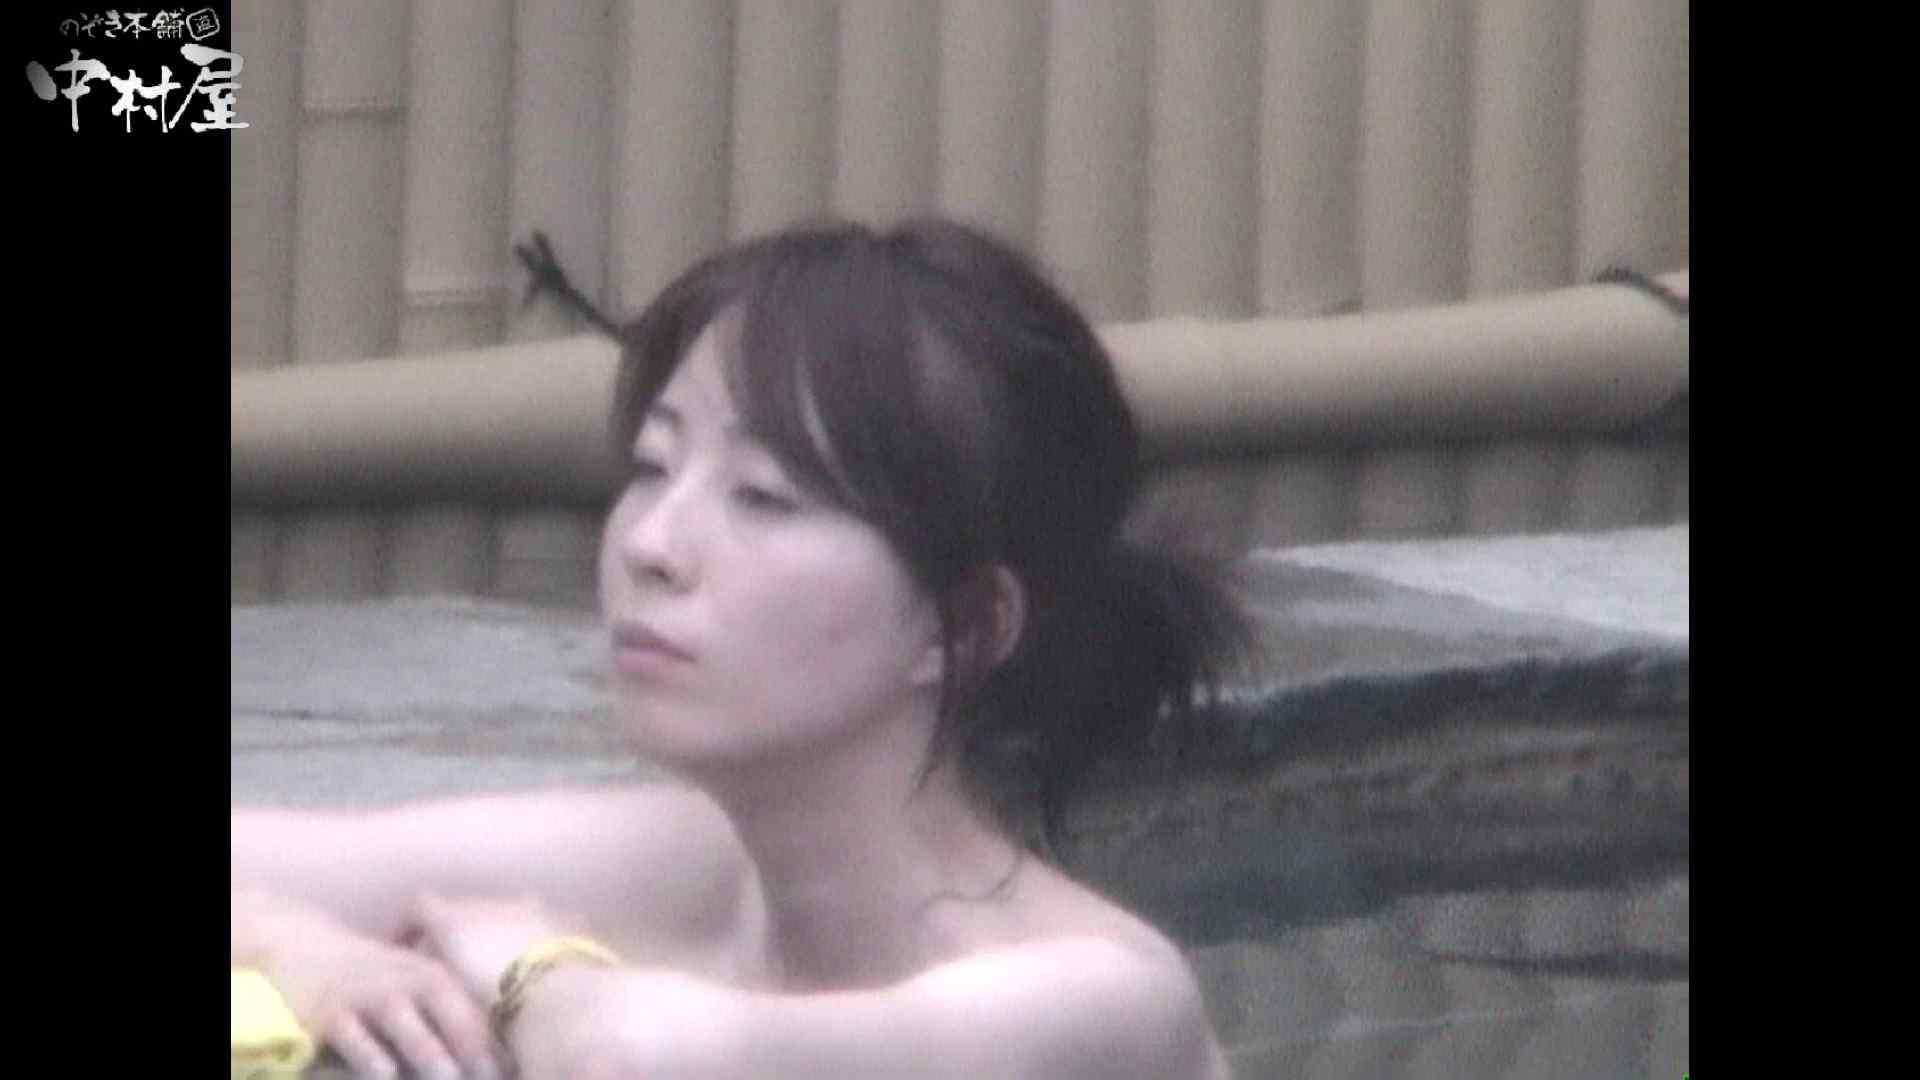 Aquaな露天風呂Vol.964 美しいOLの裸体   盗撮師作品  104pic 28